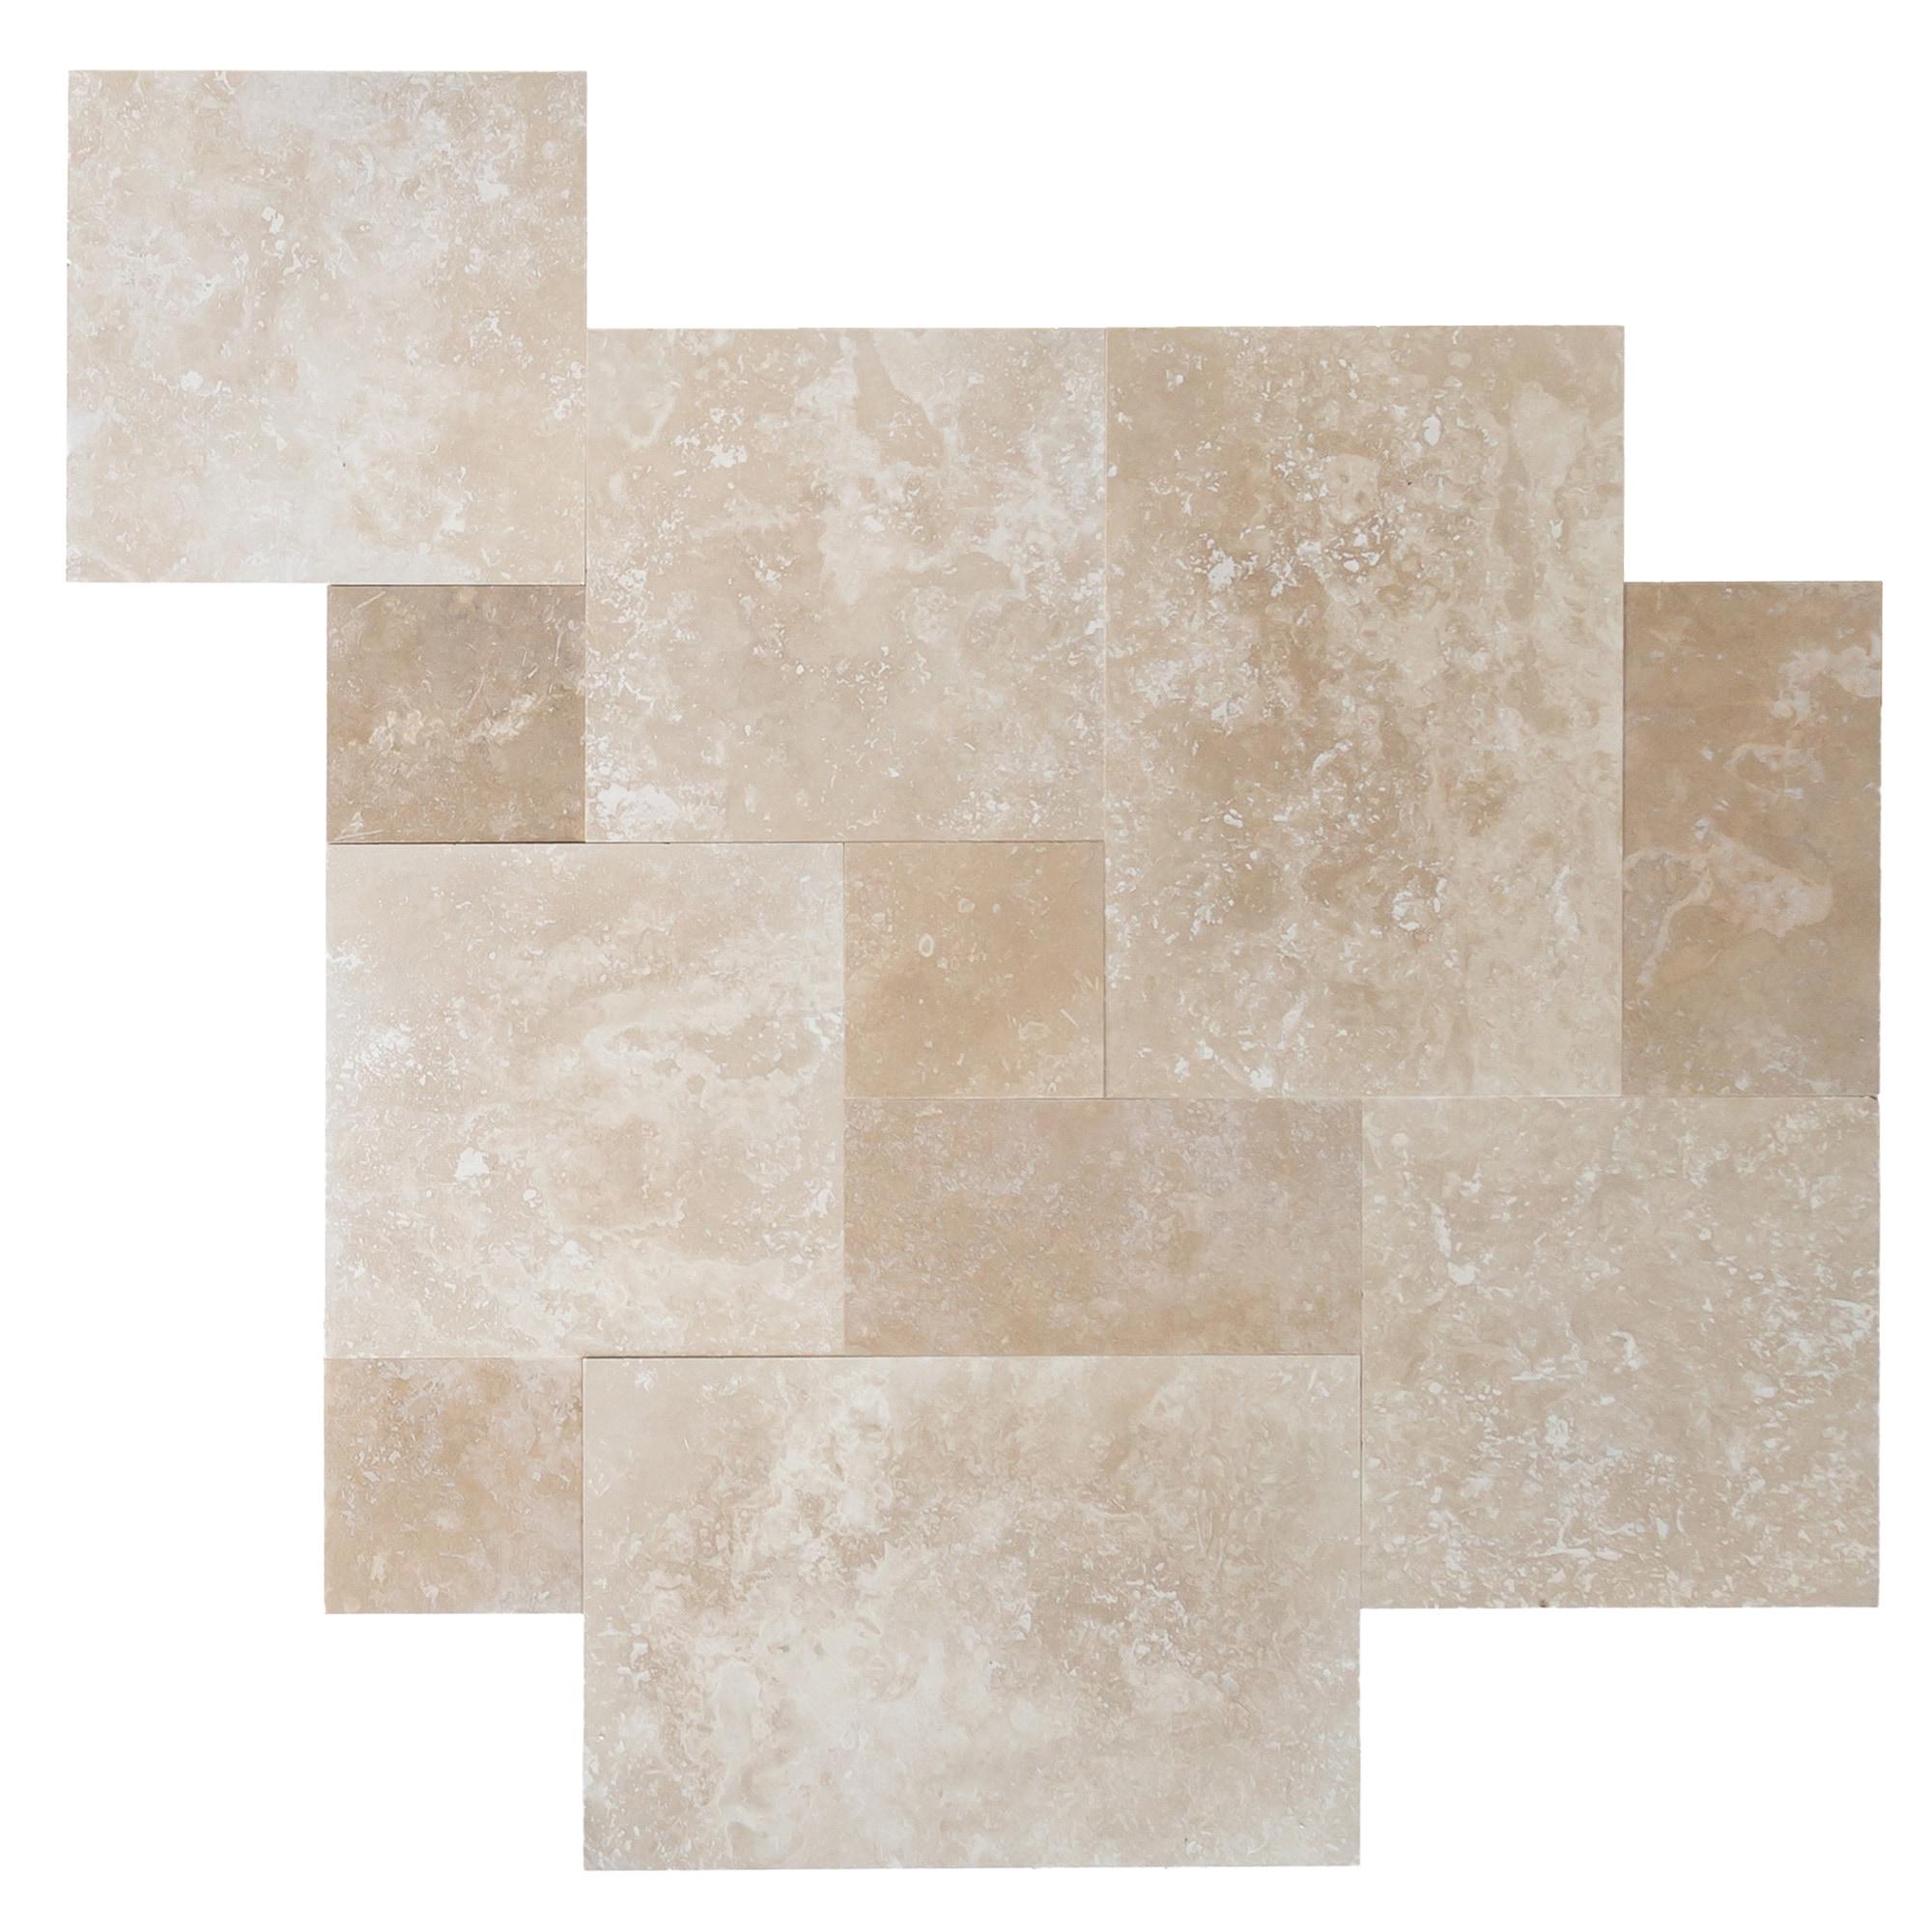 Denizli Beige Standard / Antique Pattern / Honed and Filled Travertine Tile - Antique Pattern Sets 0